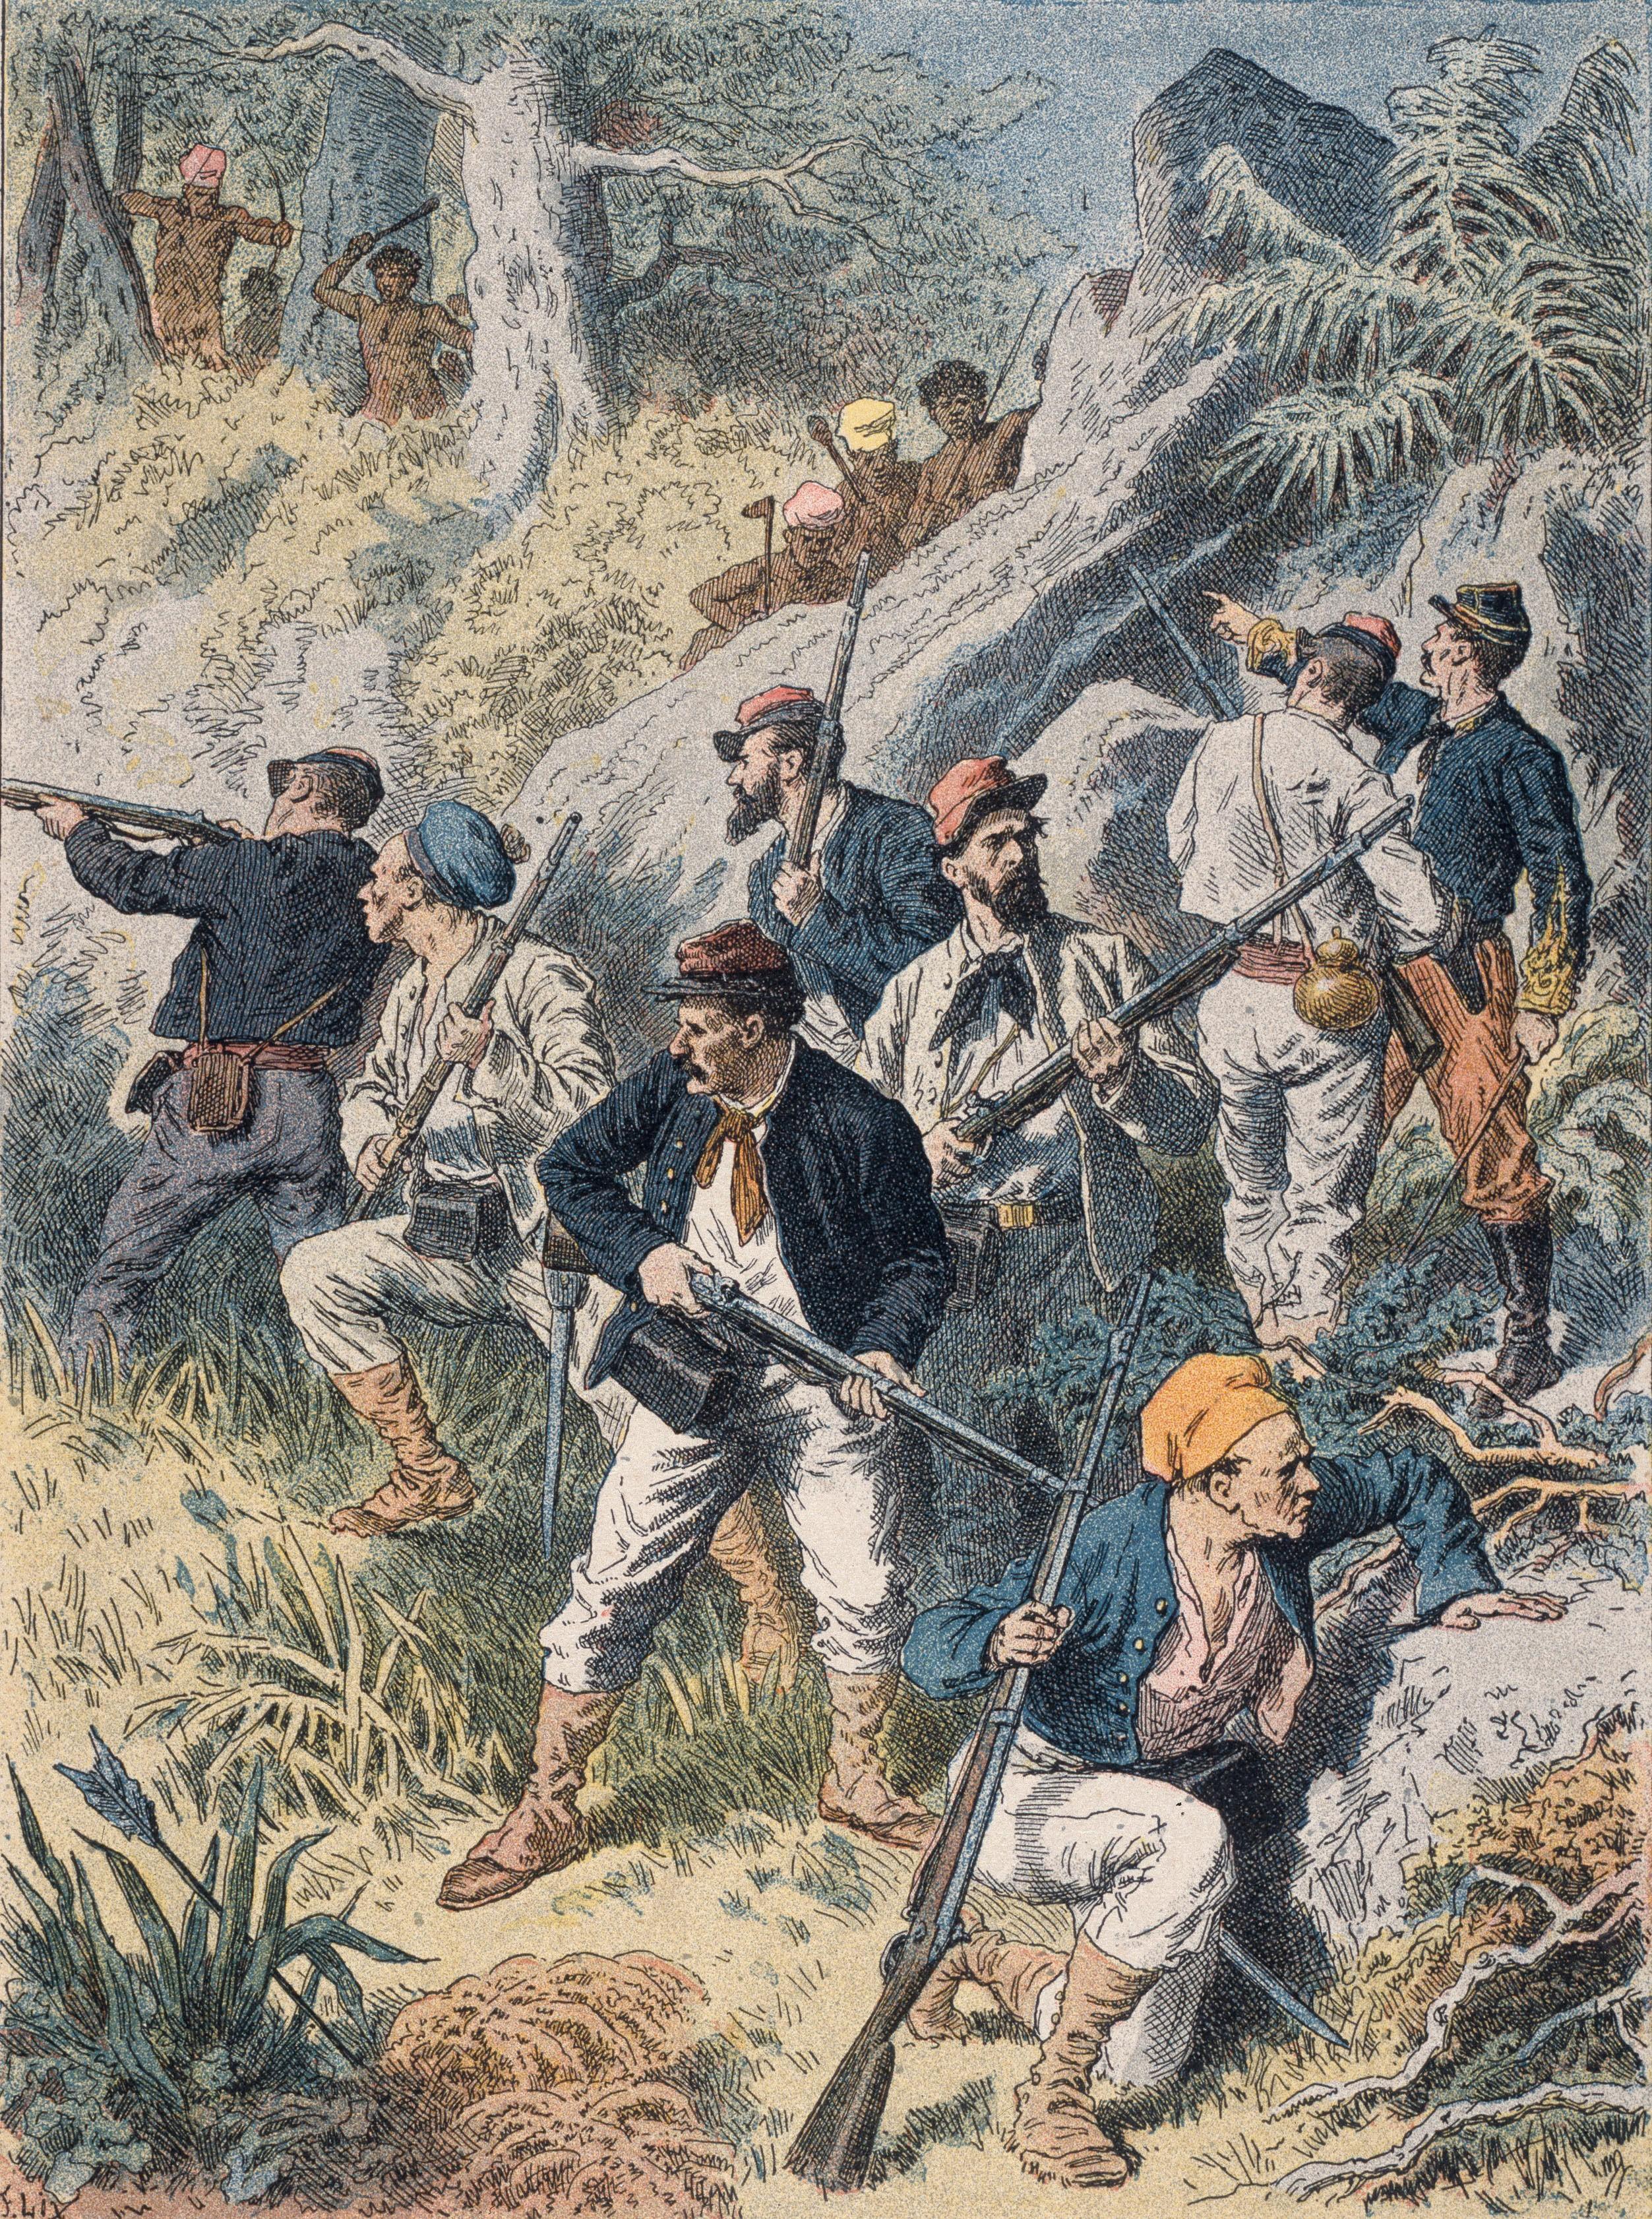 Les Kanaks en Nouvelle-Calédonie, couverture d'un cahier d'écolier, v. 1890